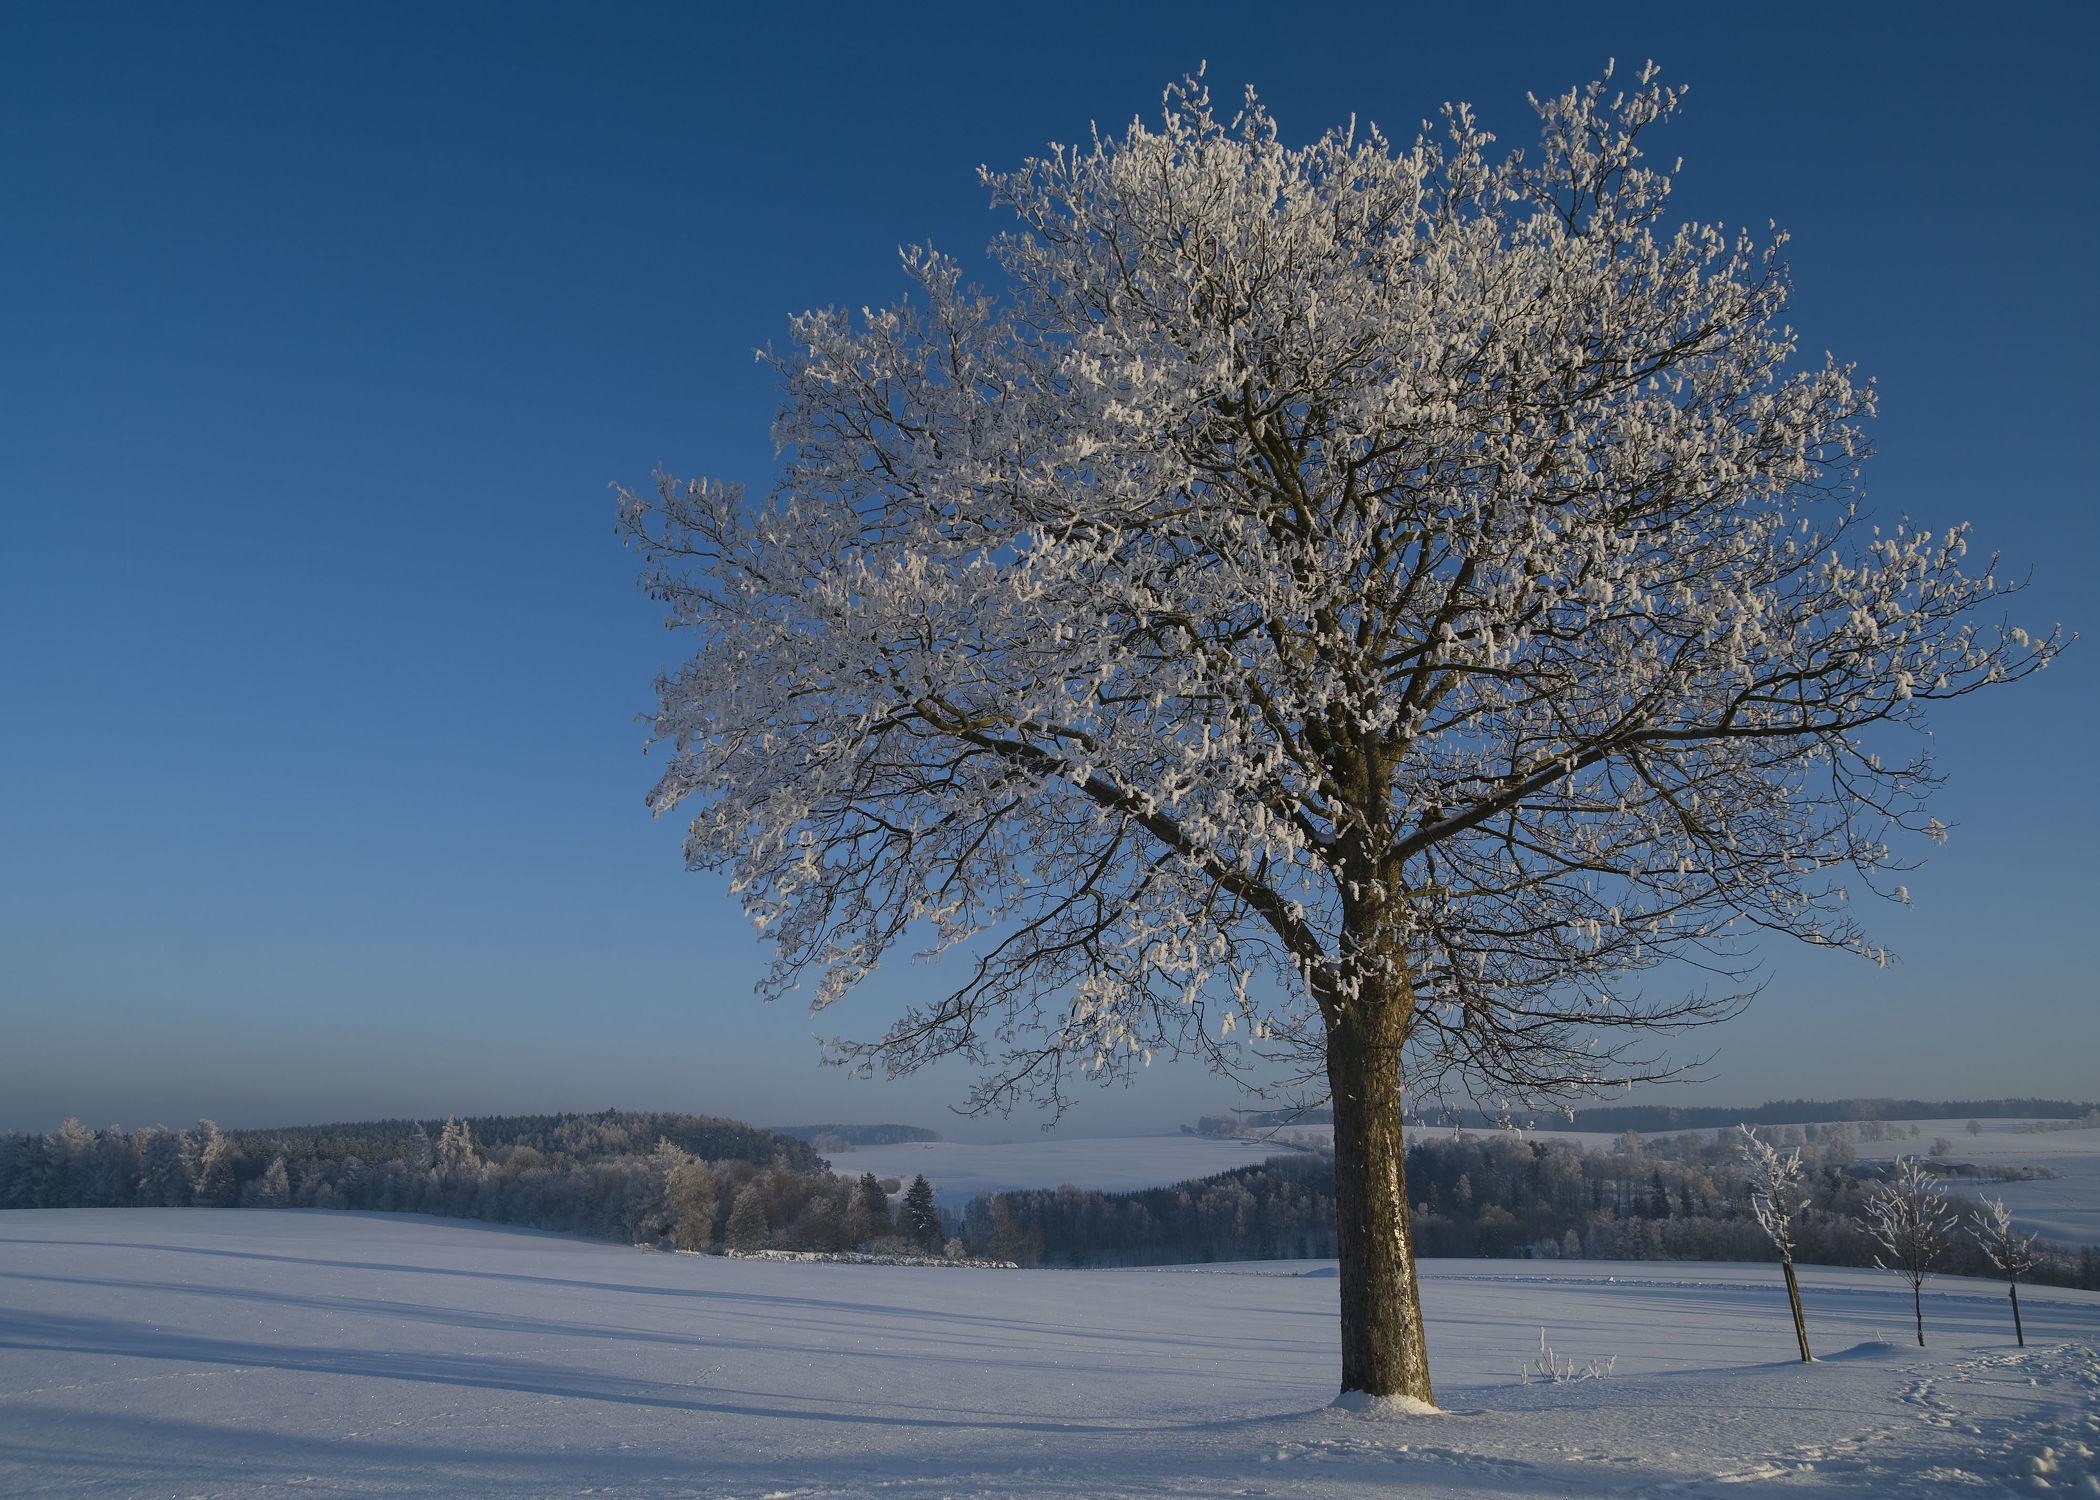 Bild mit Natur, Landschaften, Bäume, Winter, Schnee, Baum, Landschaft, Natur und Landschaft, Winterzeit